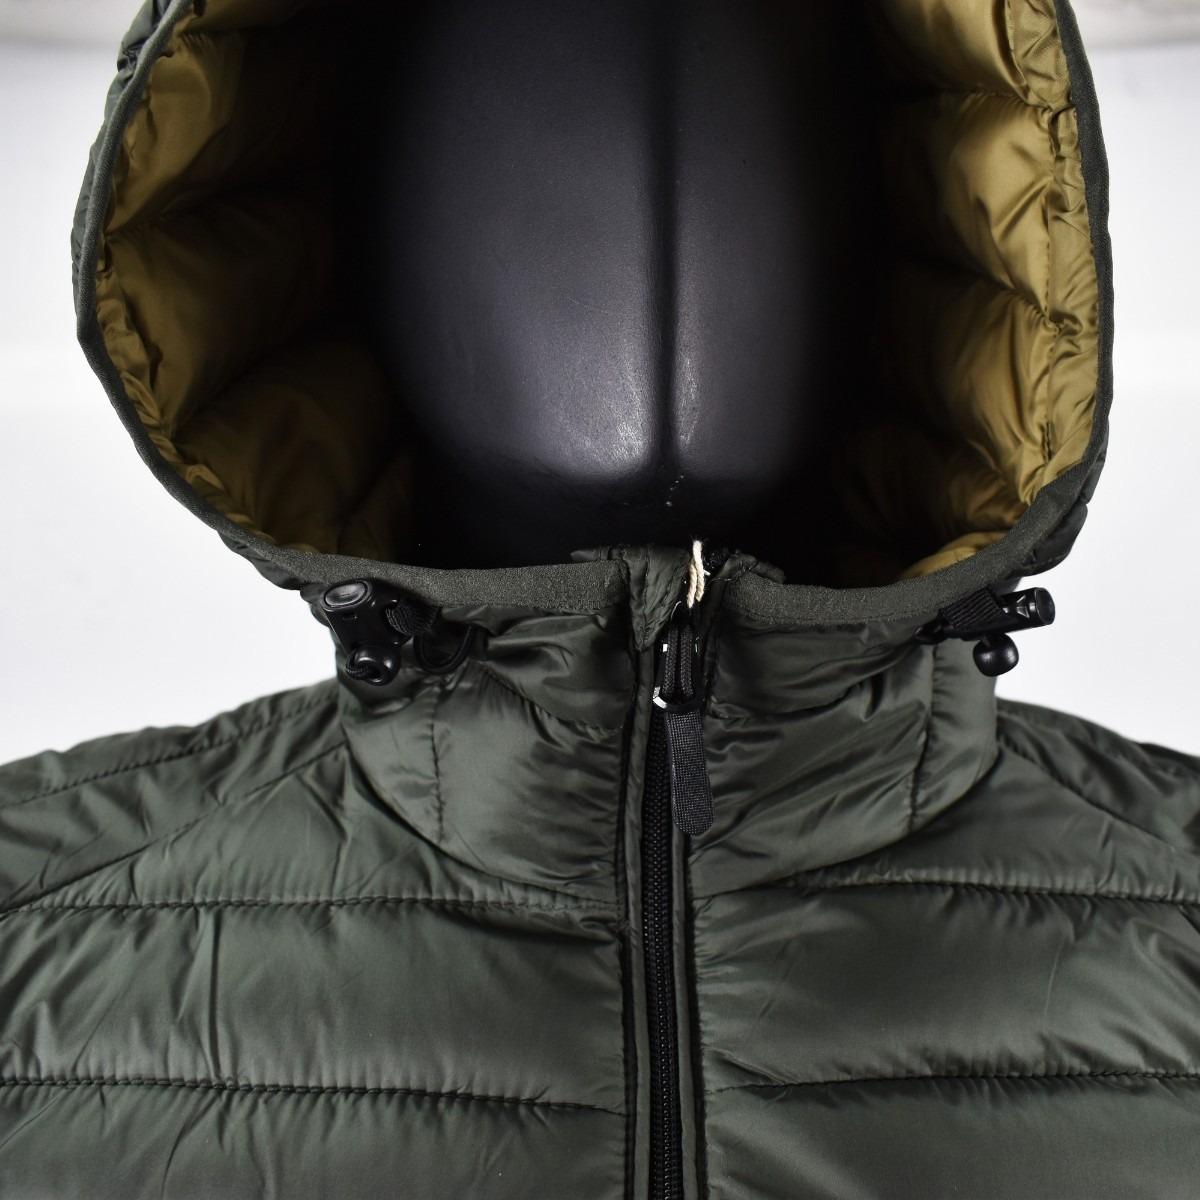 chaqueta-jucolor-de-celio-para-hombre -D NQ NP 621463-MEC29011410138 122018-F.jpg af97533980dd